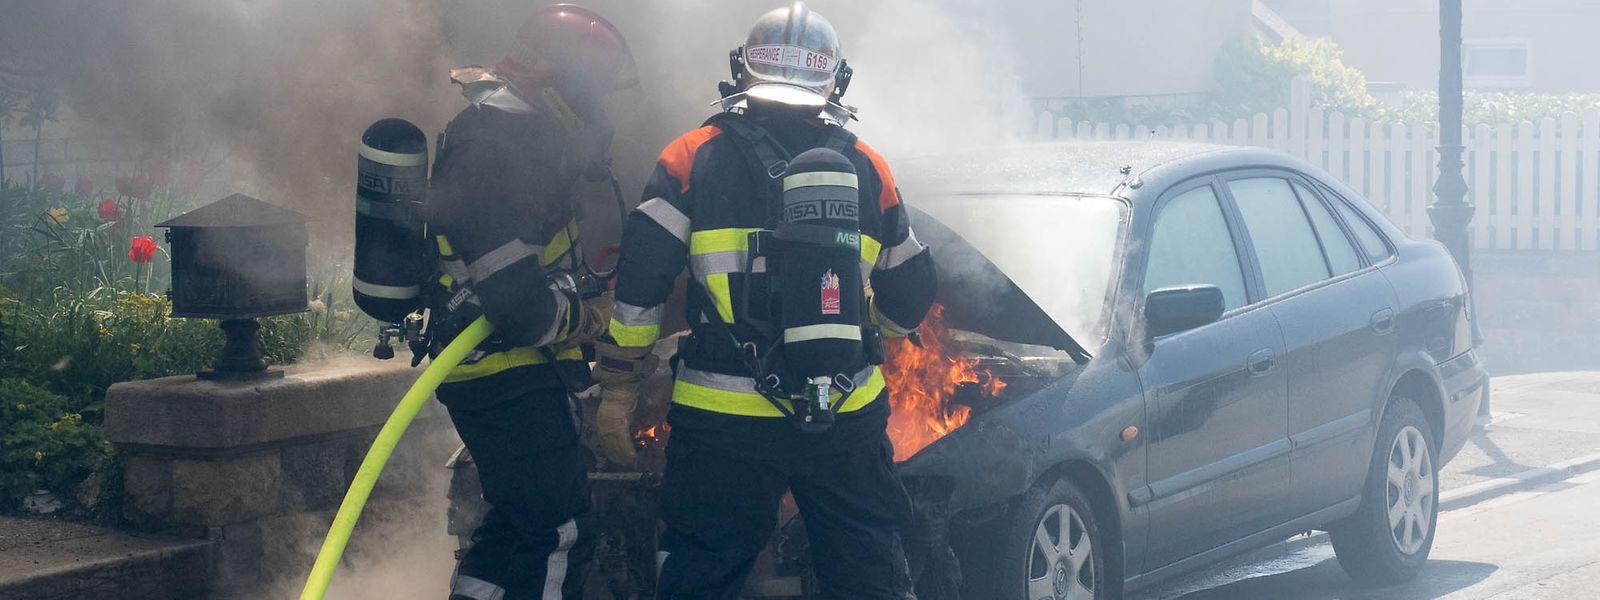 Die Feuerwehr hatte das Feuer schnell unter Kontrolle.